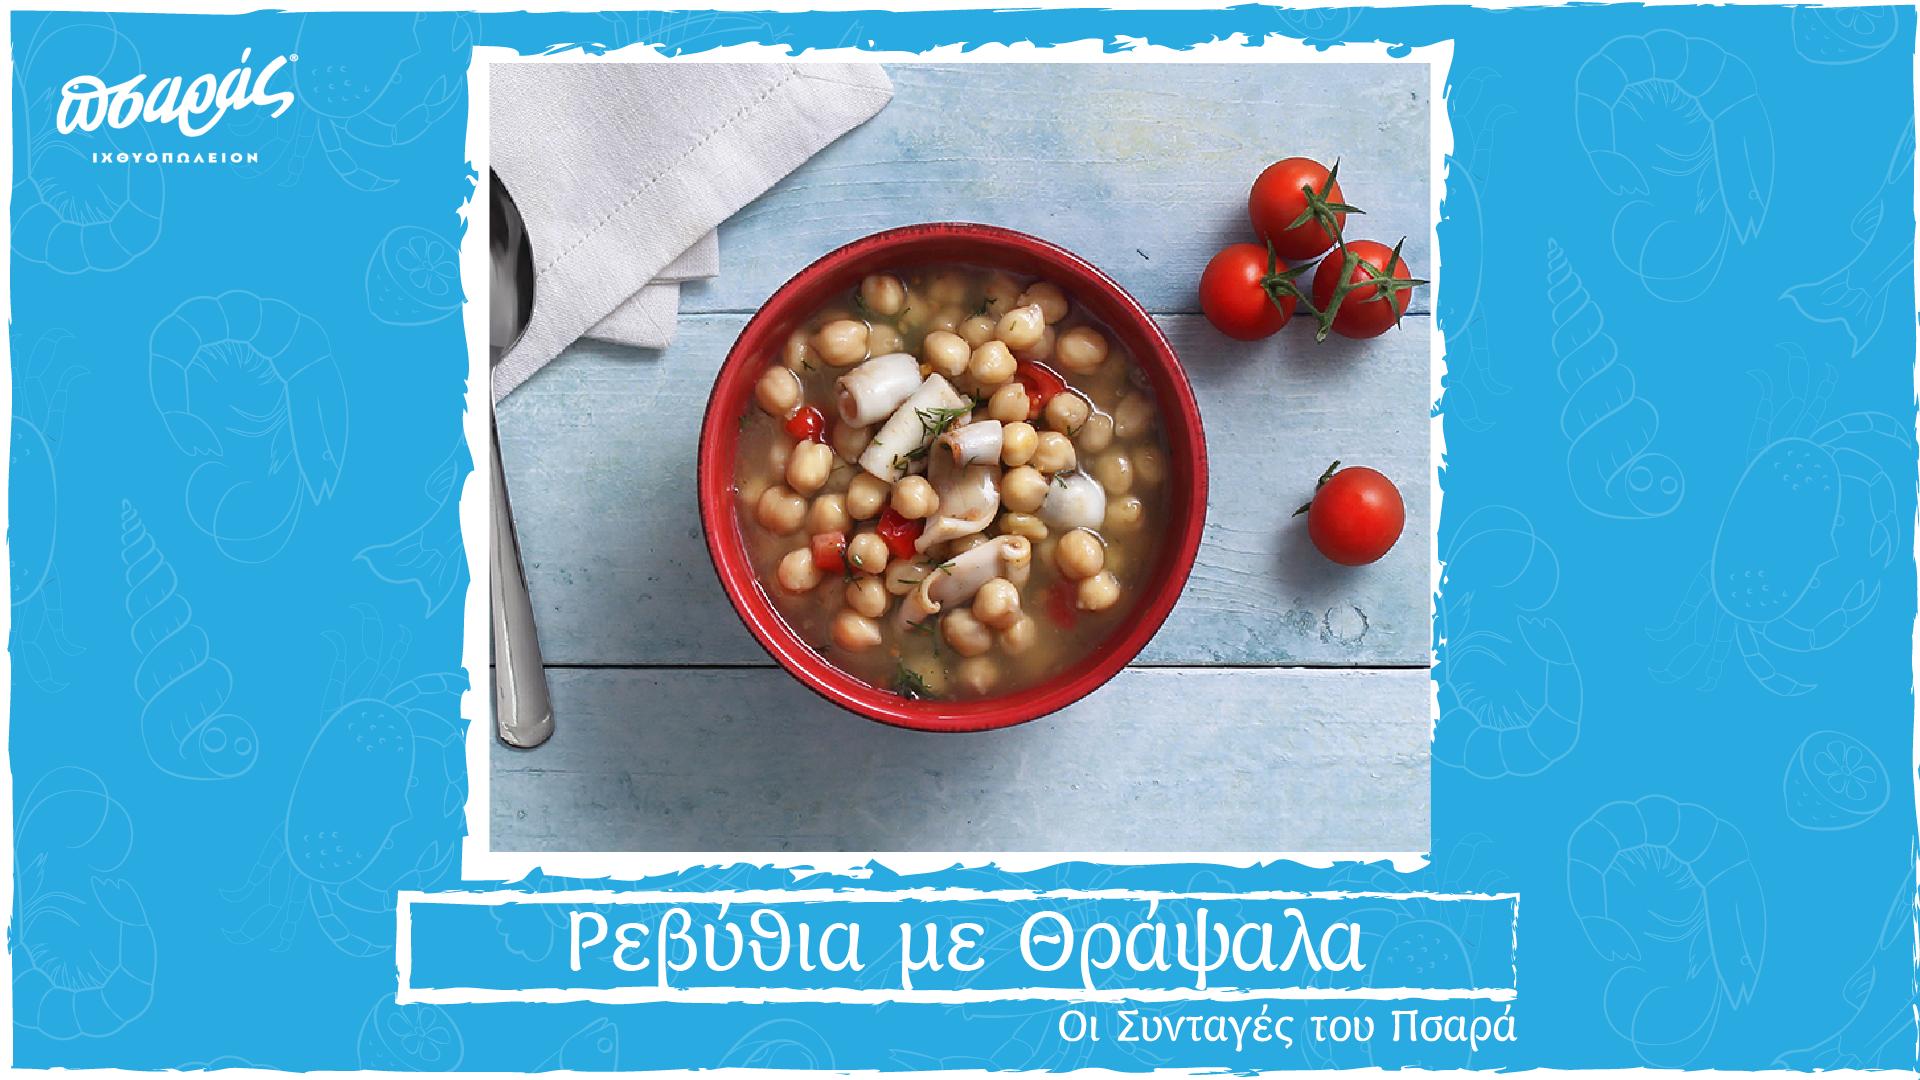 Όταν τα όσπρια, συναντούν τα θαλασσινά, δημιουργείται ένα πιάτο, που είναι ιδιαίτερο, τόσο στη γεύση, όσο και στην υφή! Αυτή η…εναλλακτική ρεβυθόσουπα, είναι σίγουρο ότι θα σας συναρπάσει! Δοκιμάστε την!  ↓↓↓ Δείτε παρακάτω την συνταγή ↓↓↓  [ Ρεβύθια με Θράψαλα ]  _Συστατικά_  ▪ για τα ρεβύθια ▪ 500g ρεβύθια χοντρά 130g ελαιόλαδο 200g ψιλοκομμένο κρεμμύδι 2 φύλλα δάφνης 2 αστεροειδής γλυκάνισος 2 l νερό 1/2 κουτ. του γλυκού πιπέρι μαύρο 2,5 κουτ. του γλυκού αλάτι 2 κου..